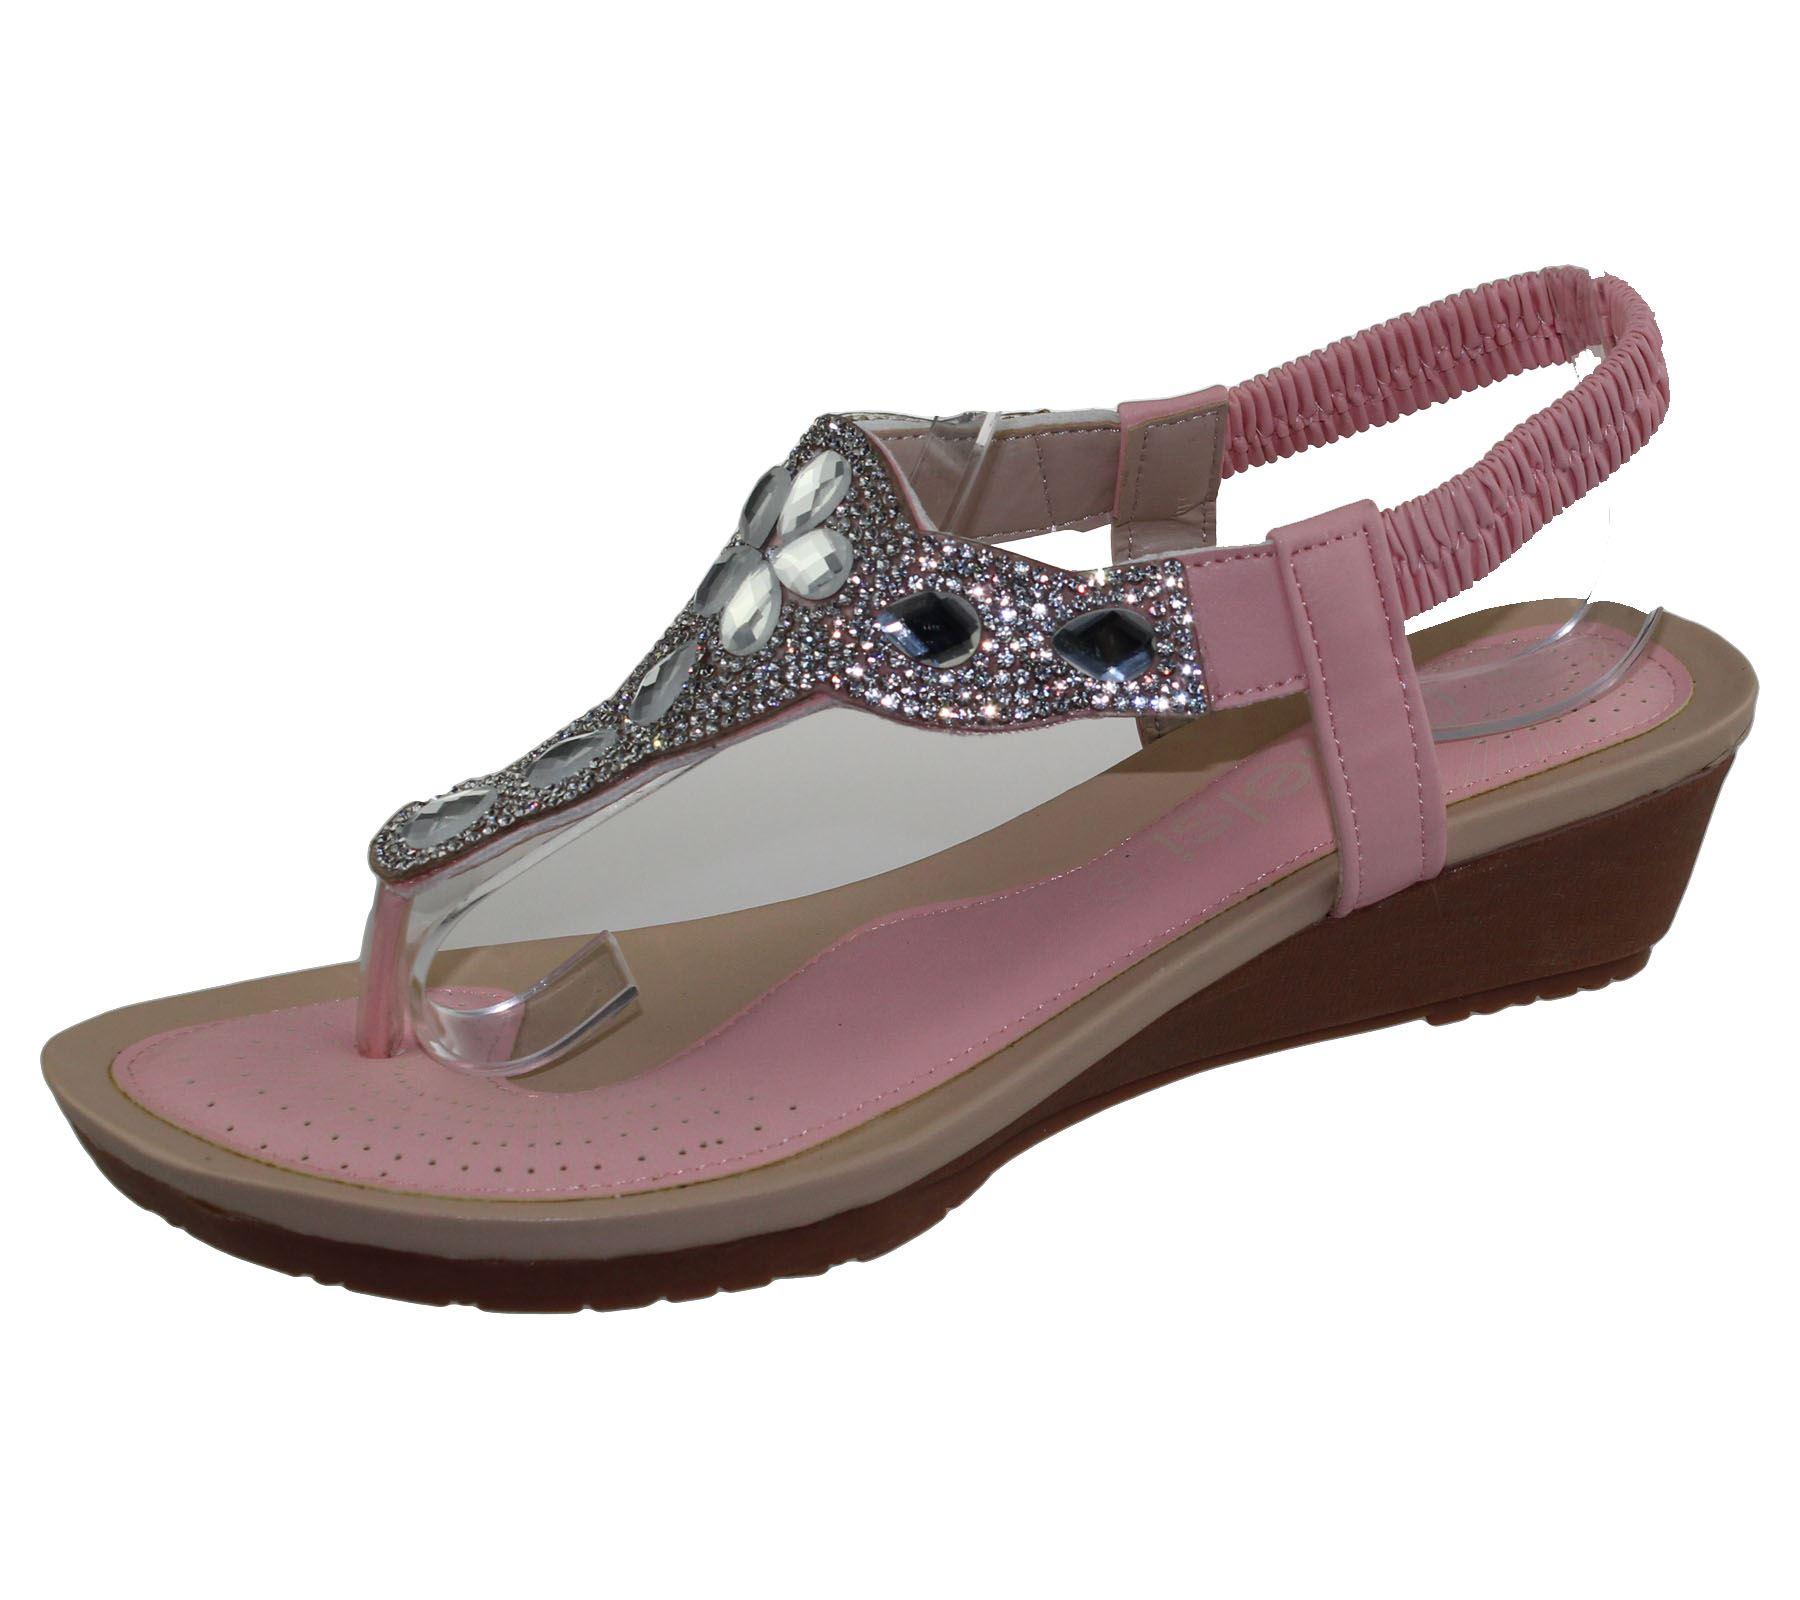 Womens Diamante Sandals Ladies Summer Wedge Heel Toe Post ...